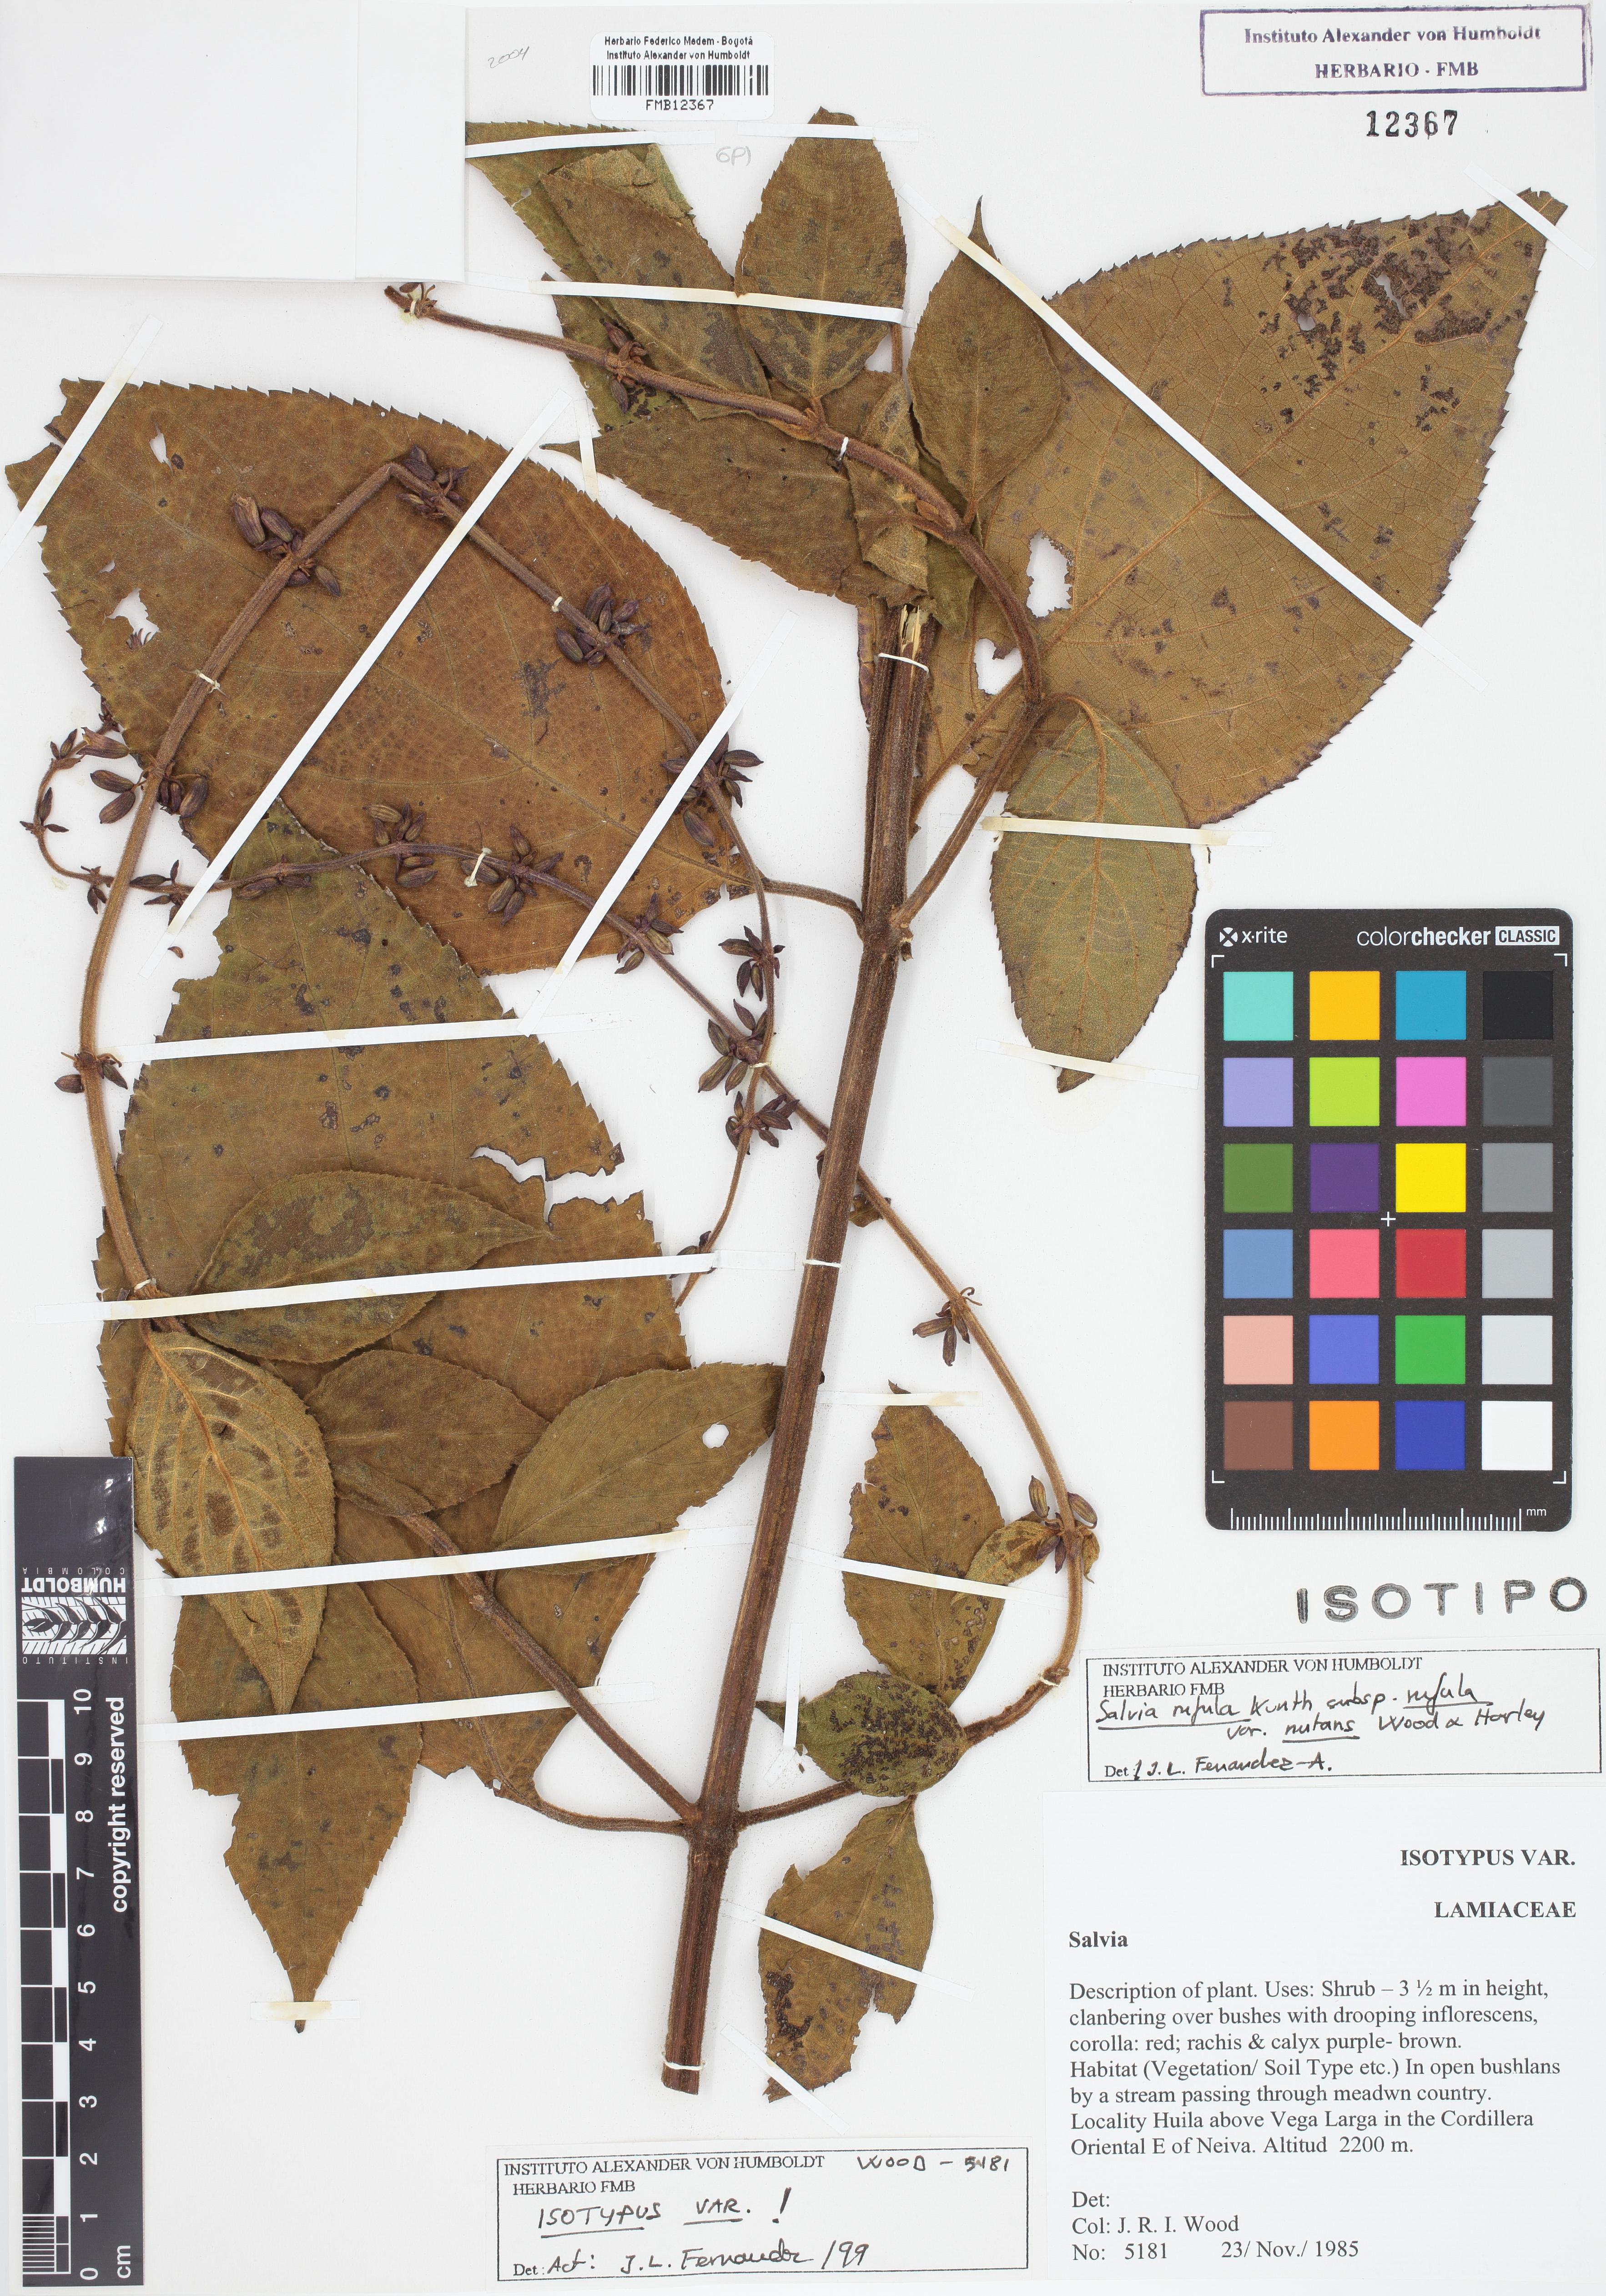 Isotipo de <em>Salvia rufula</em> var. <em>nutans</em>, FMB-12367, Fotografía por Robles A.